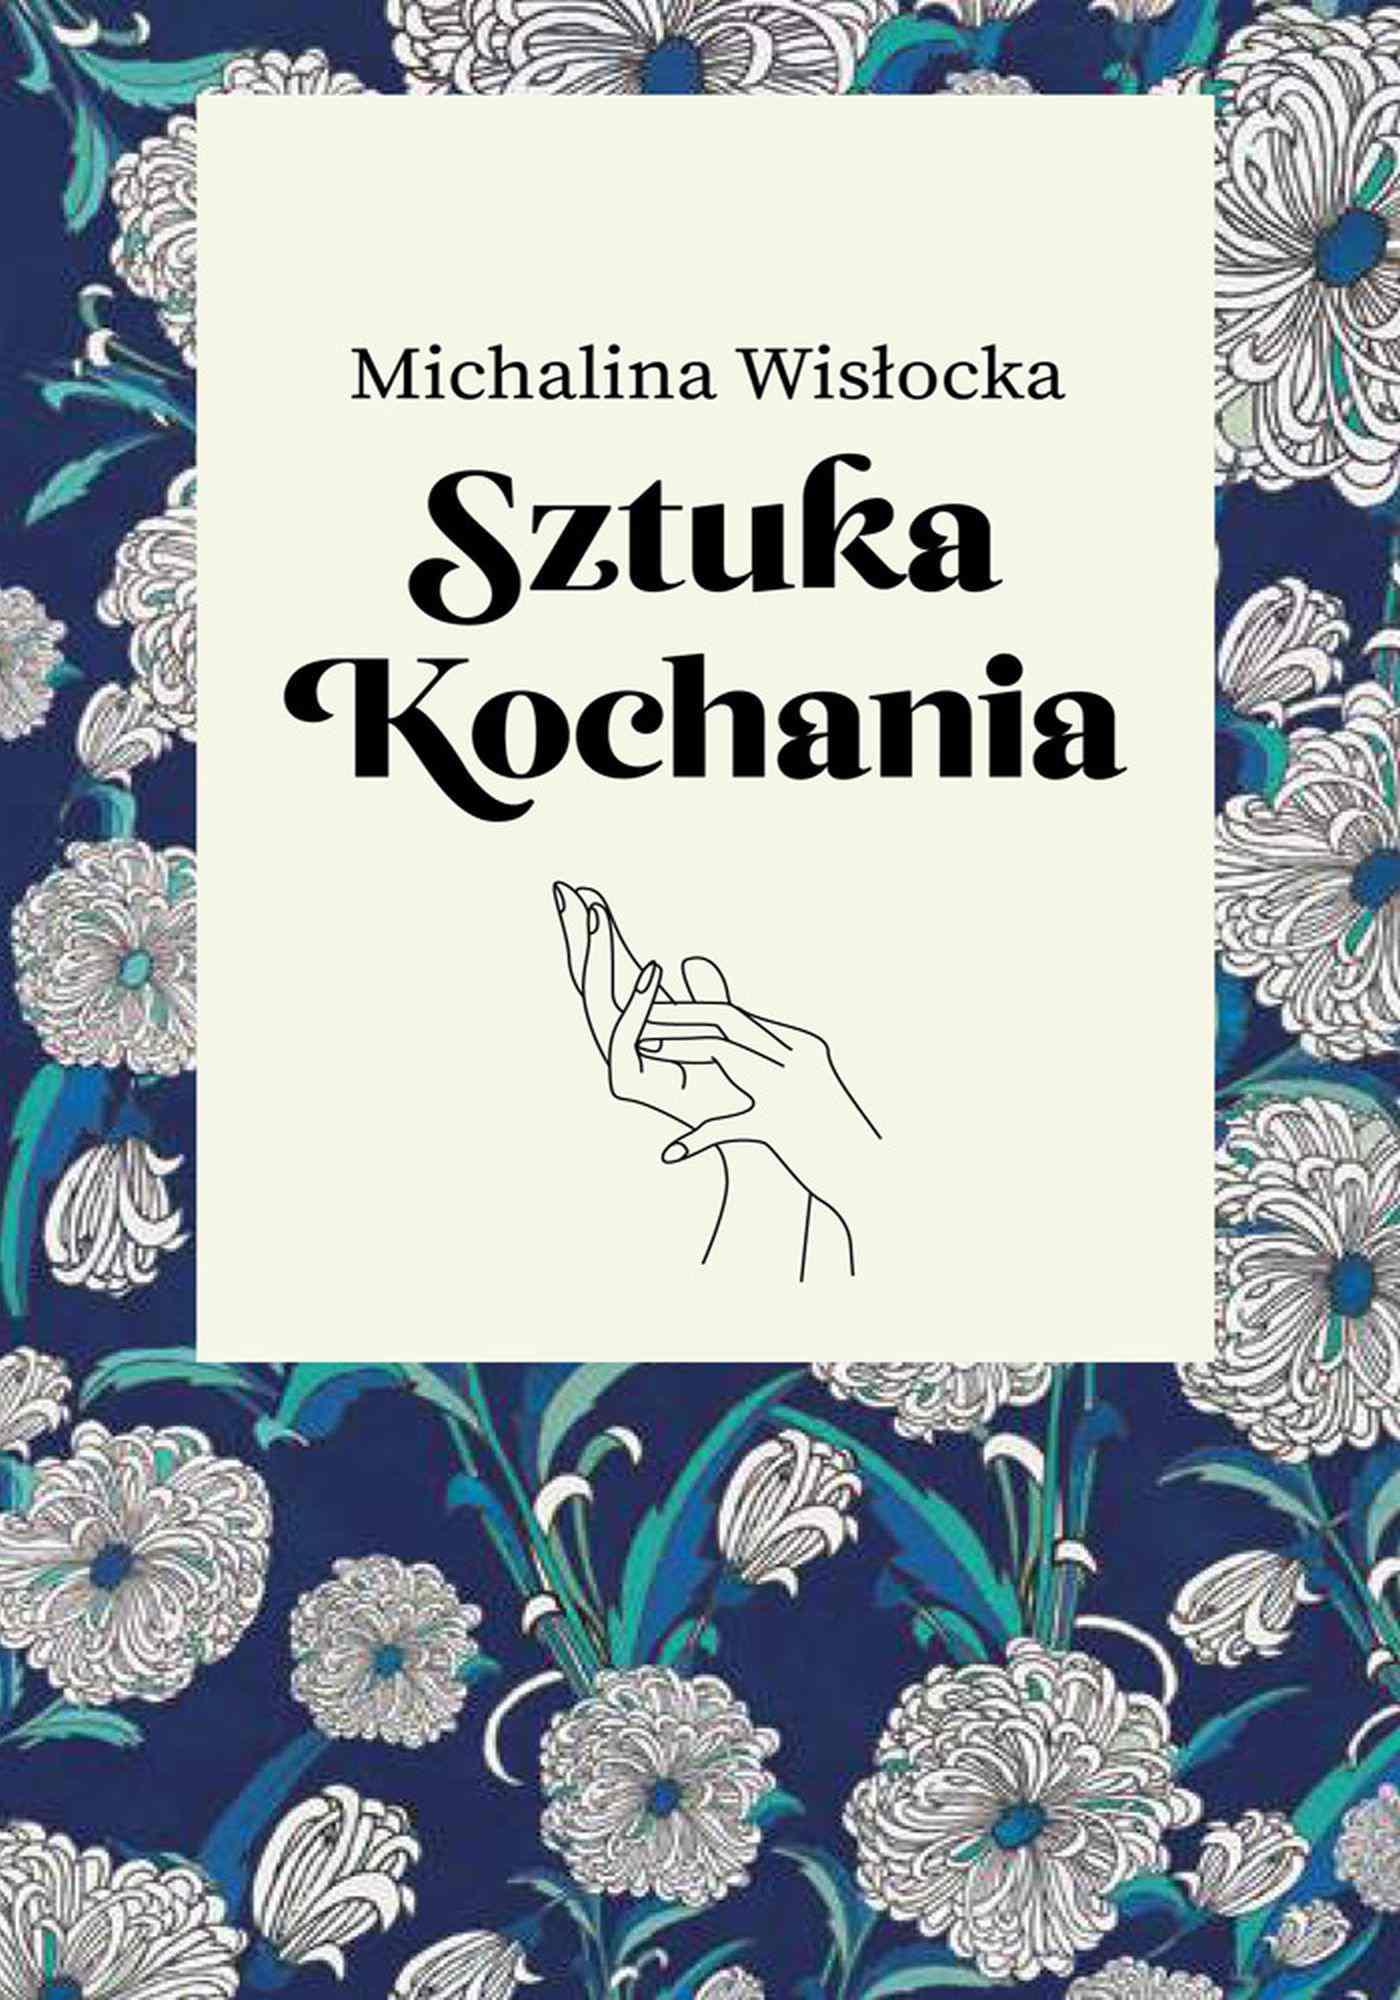 Sztuka kochania - Ebook (Książka na Kindle) do pobrania w formacie MOBI